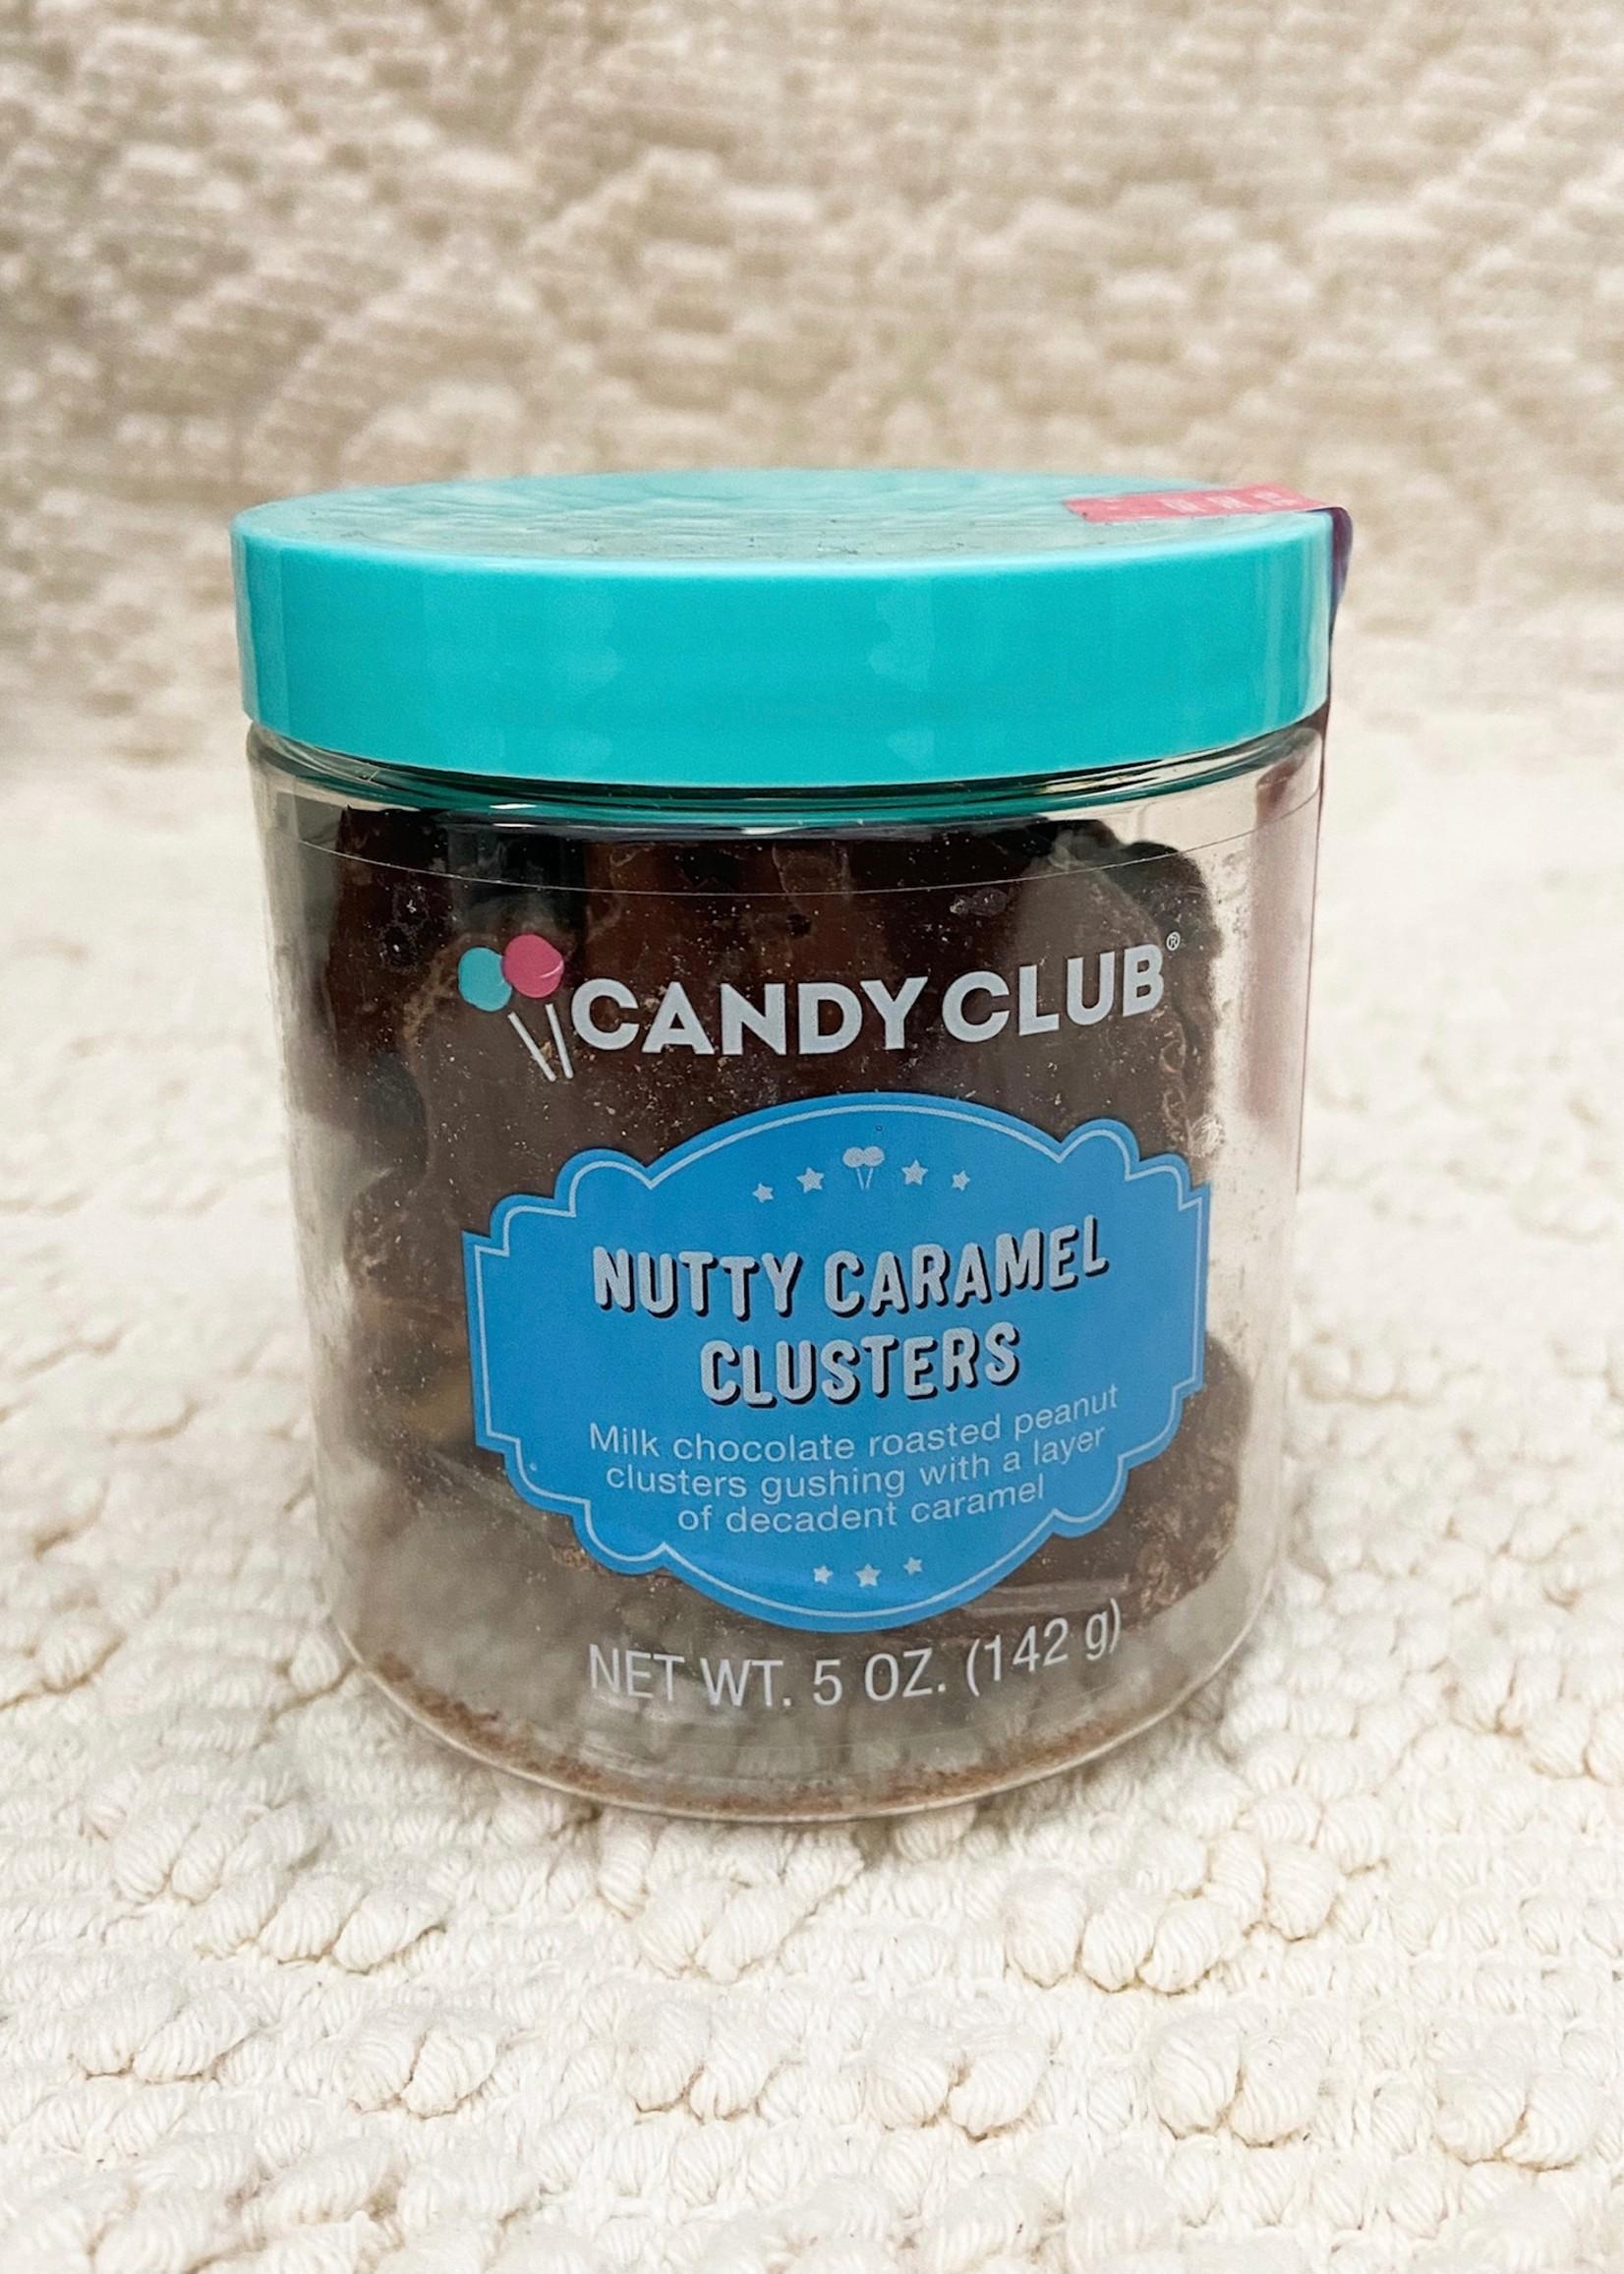 candy club candy club nutty caramel clusters